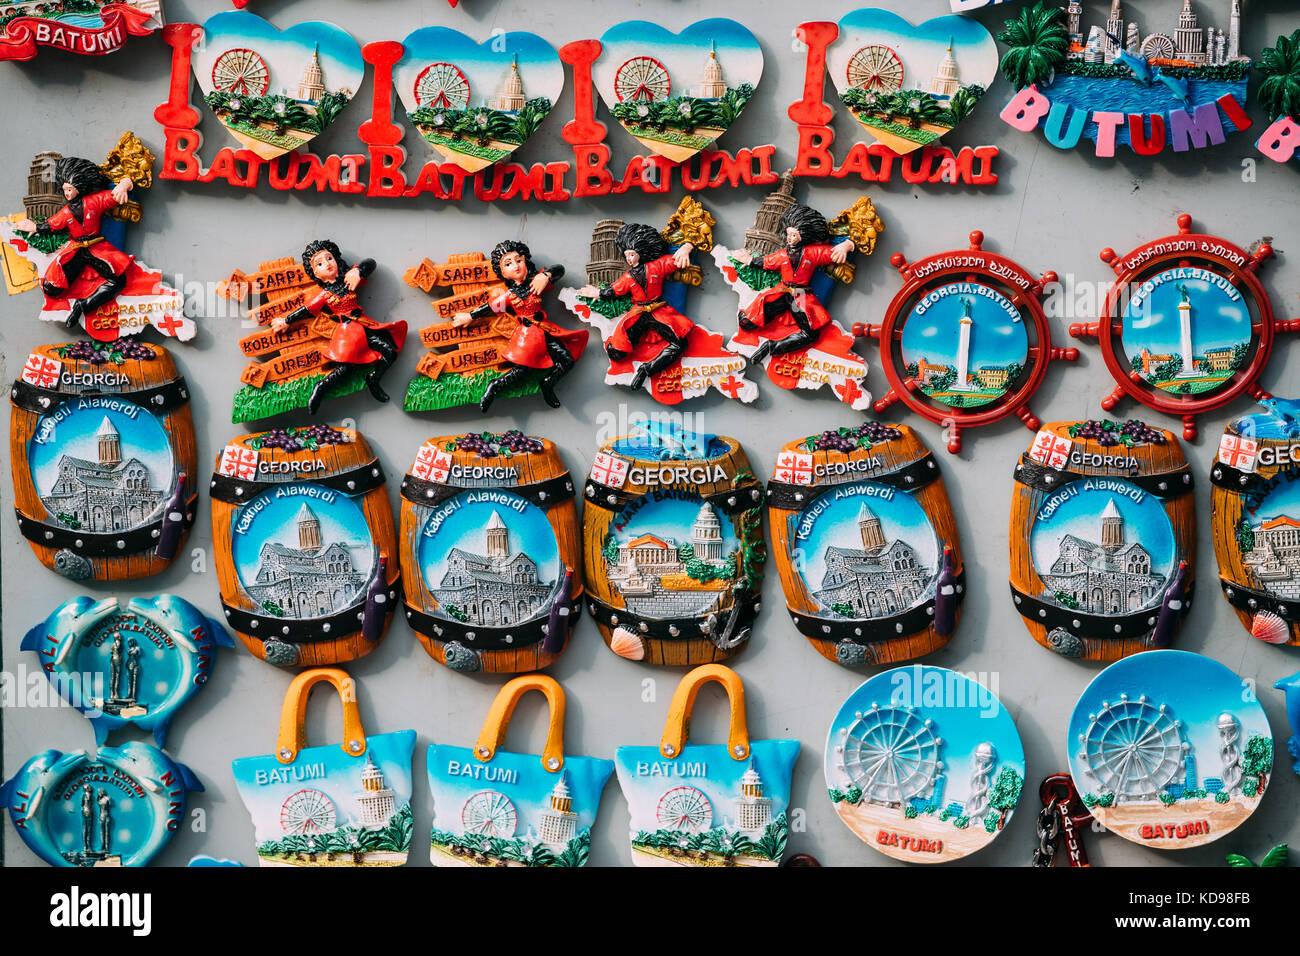 Georgian Souvenirs Stock Photos Georgian Souvenirs Stock: September 7, 2017: Fridge